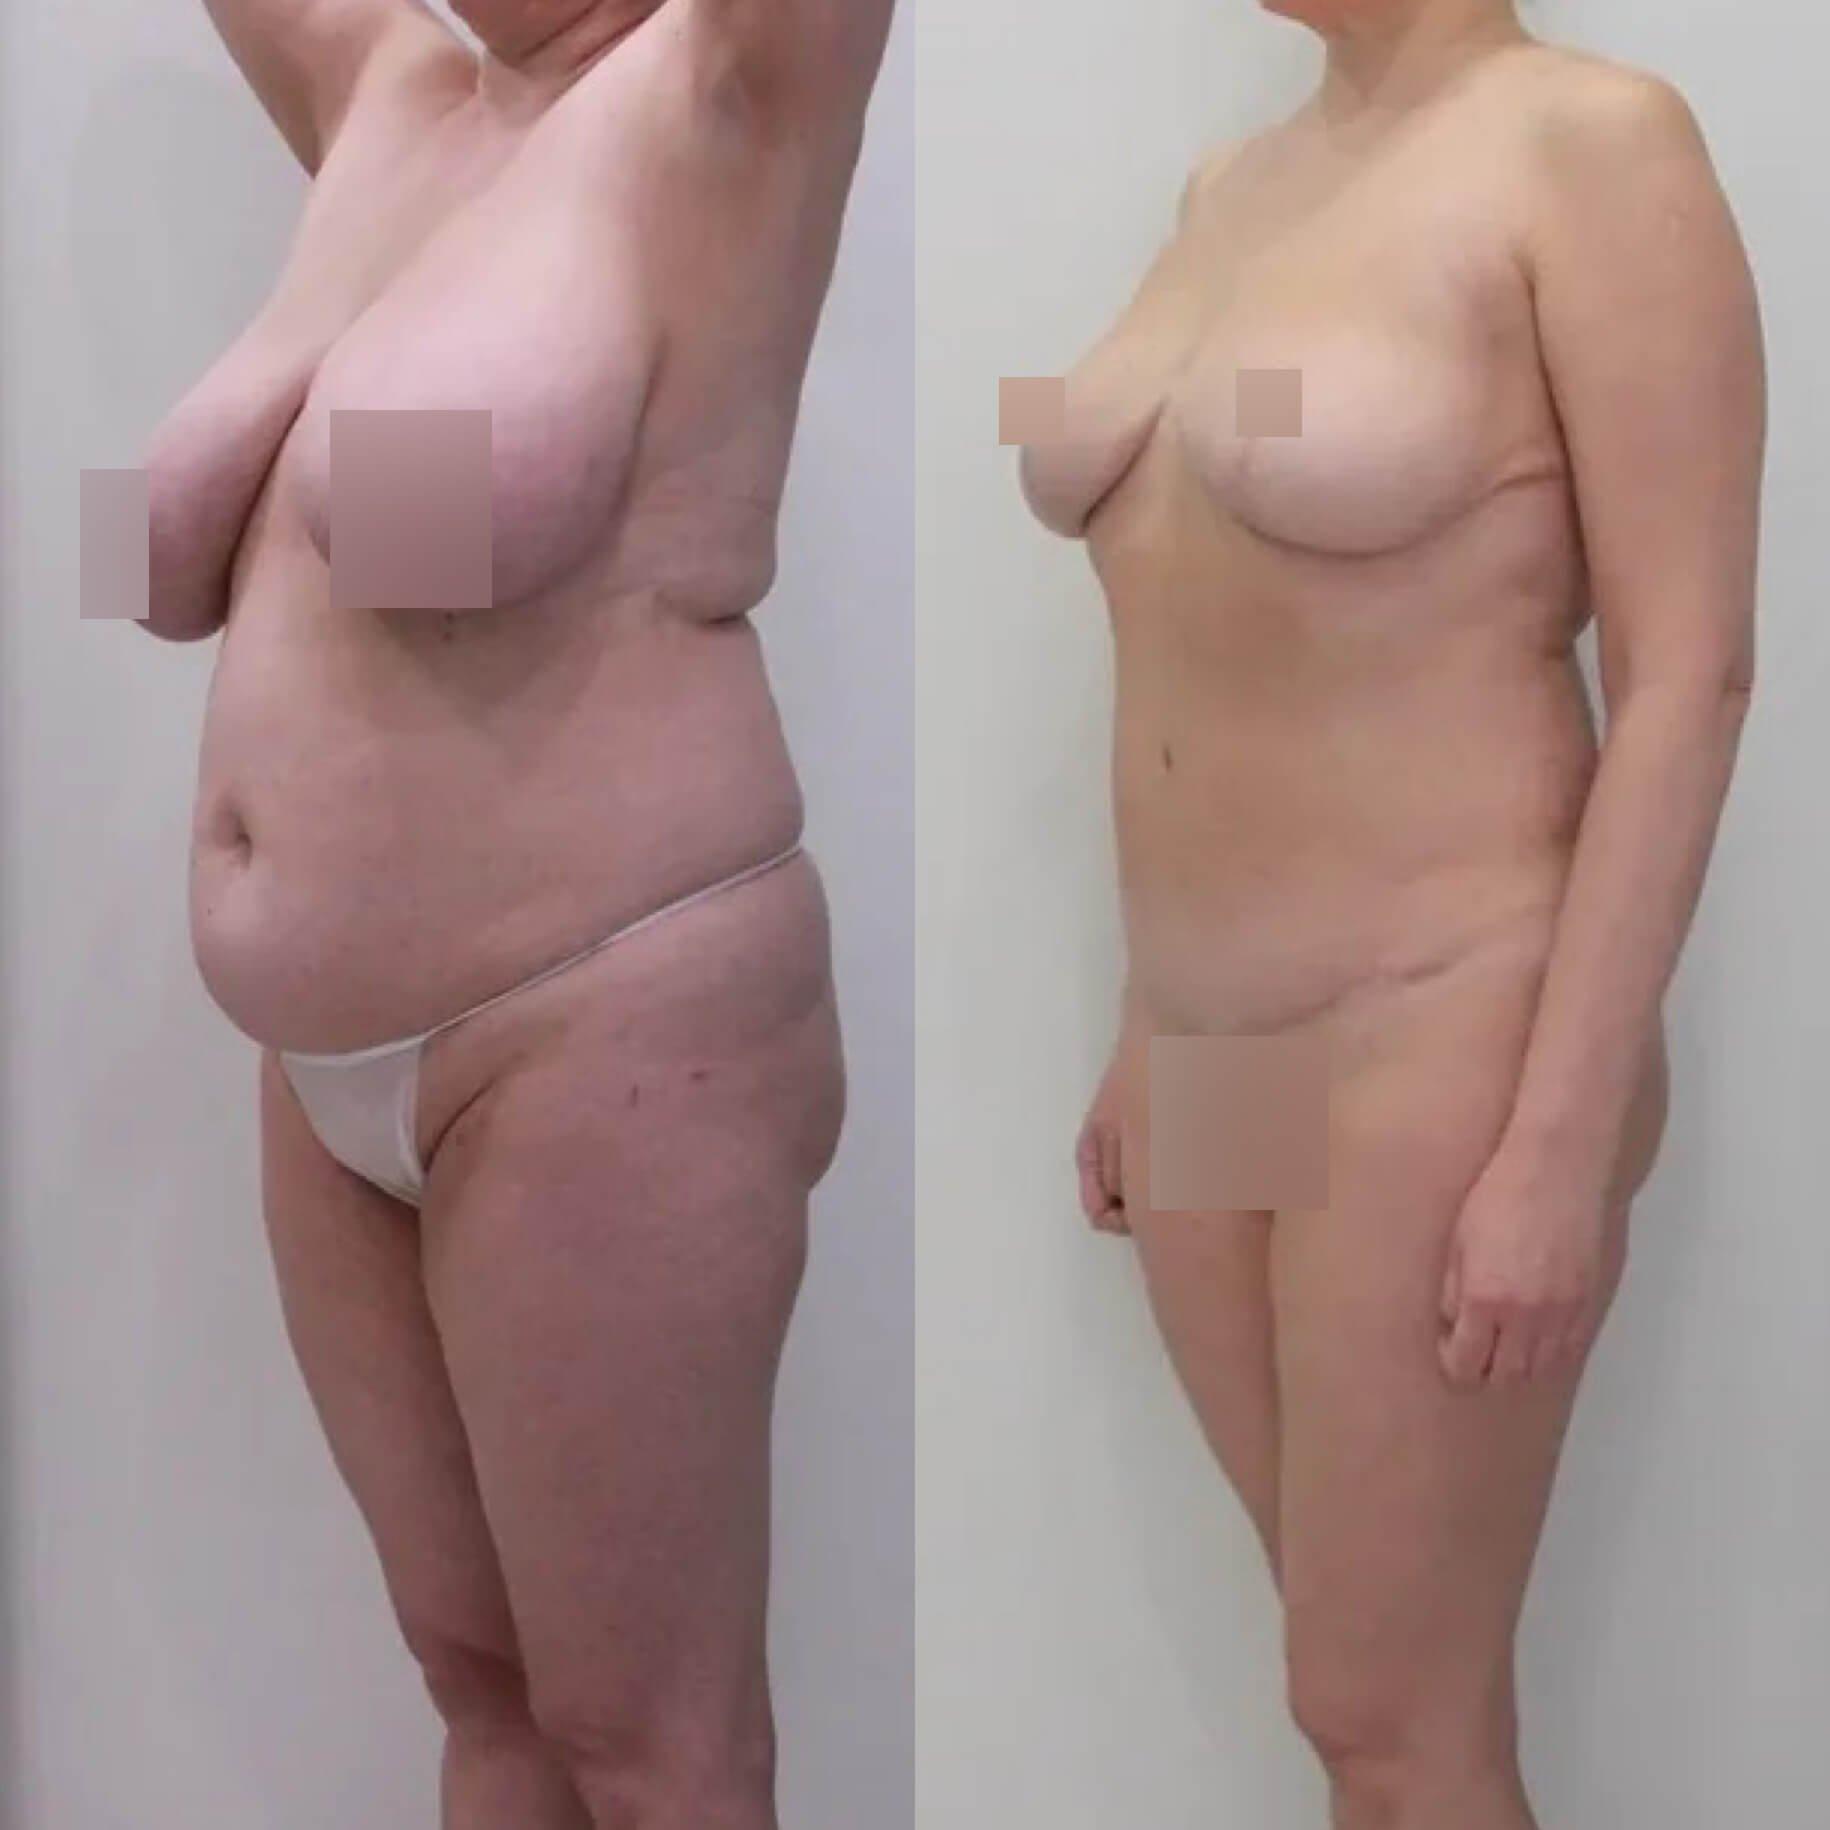 Абдоминопластика, липосакция живота, поясницы, подтяжка груди, спустя 9 месяцев